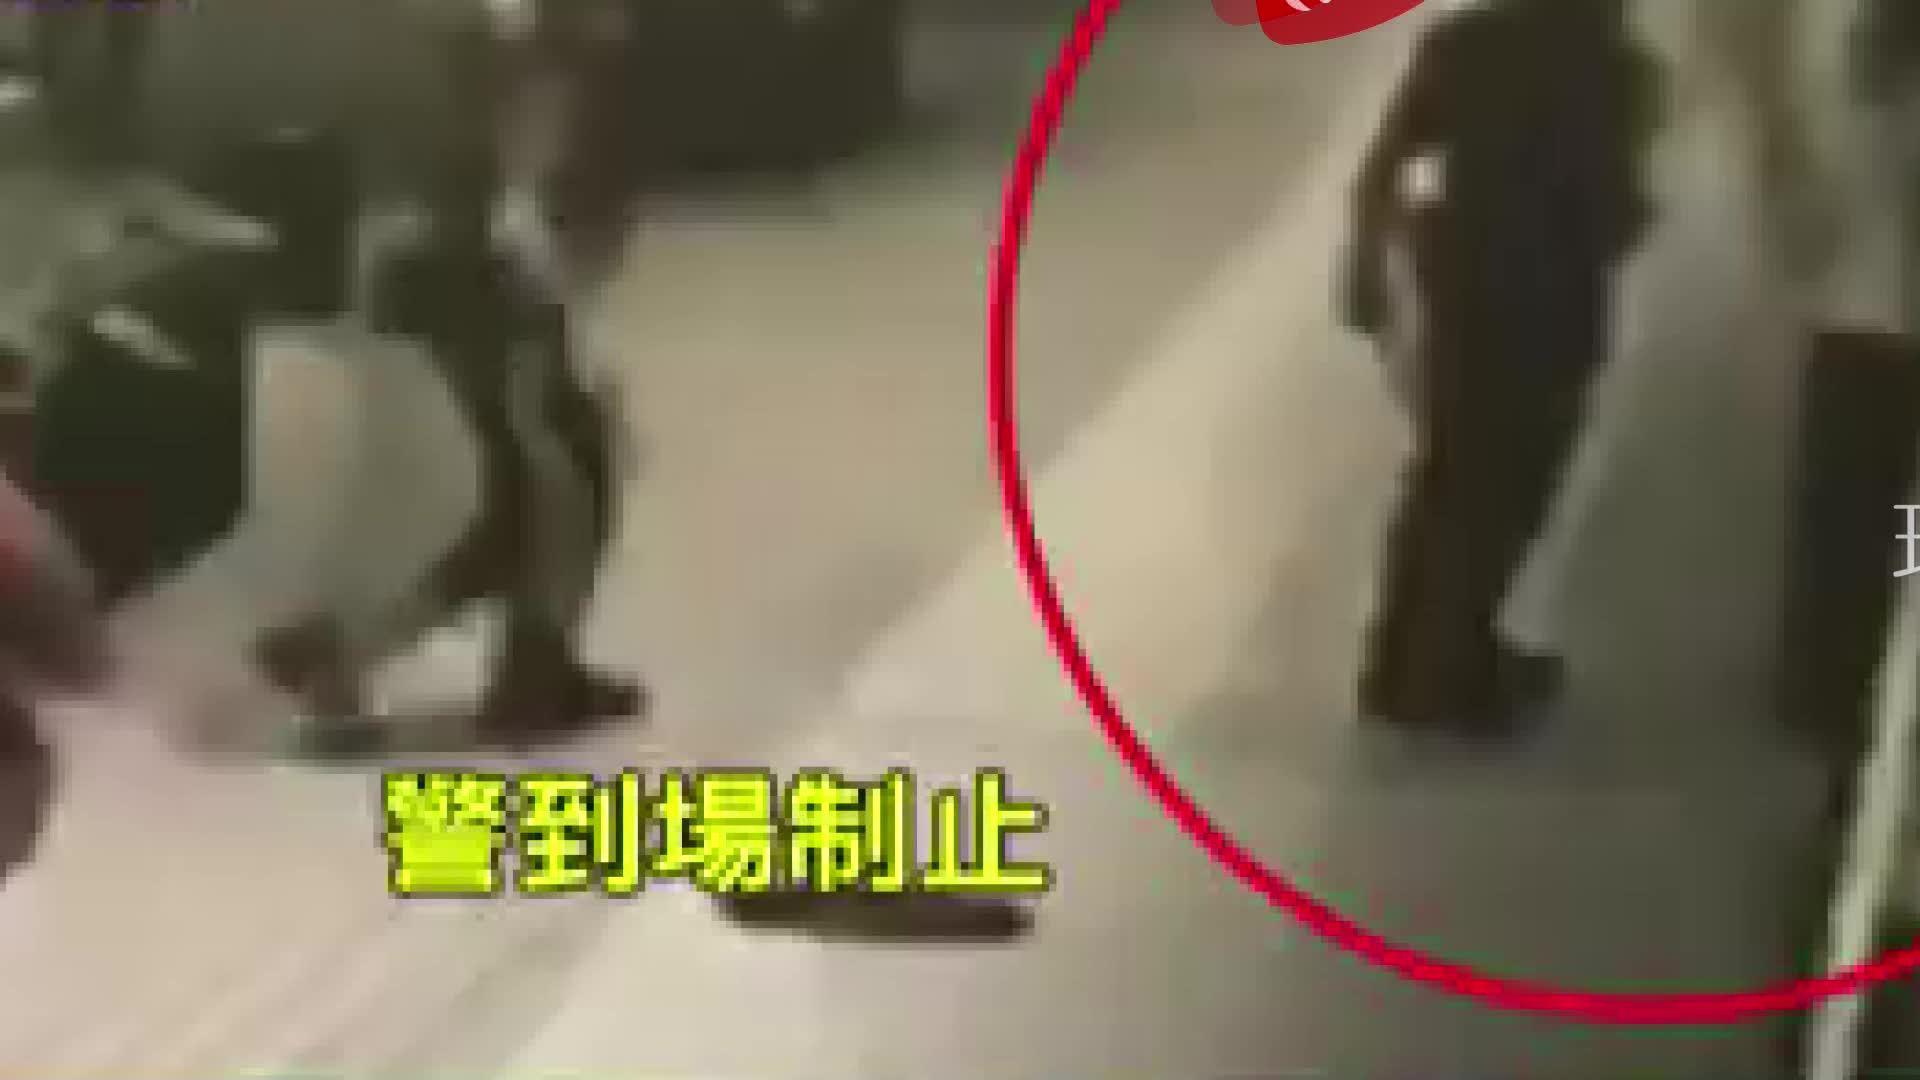 6旬女子挥砍菜刀在台北中正纪念堂随机砍人……